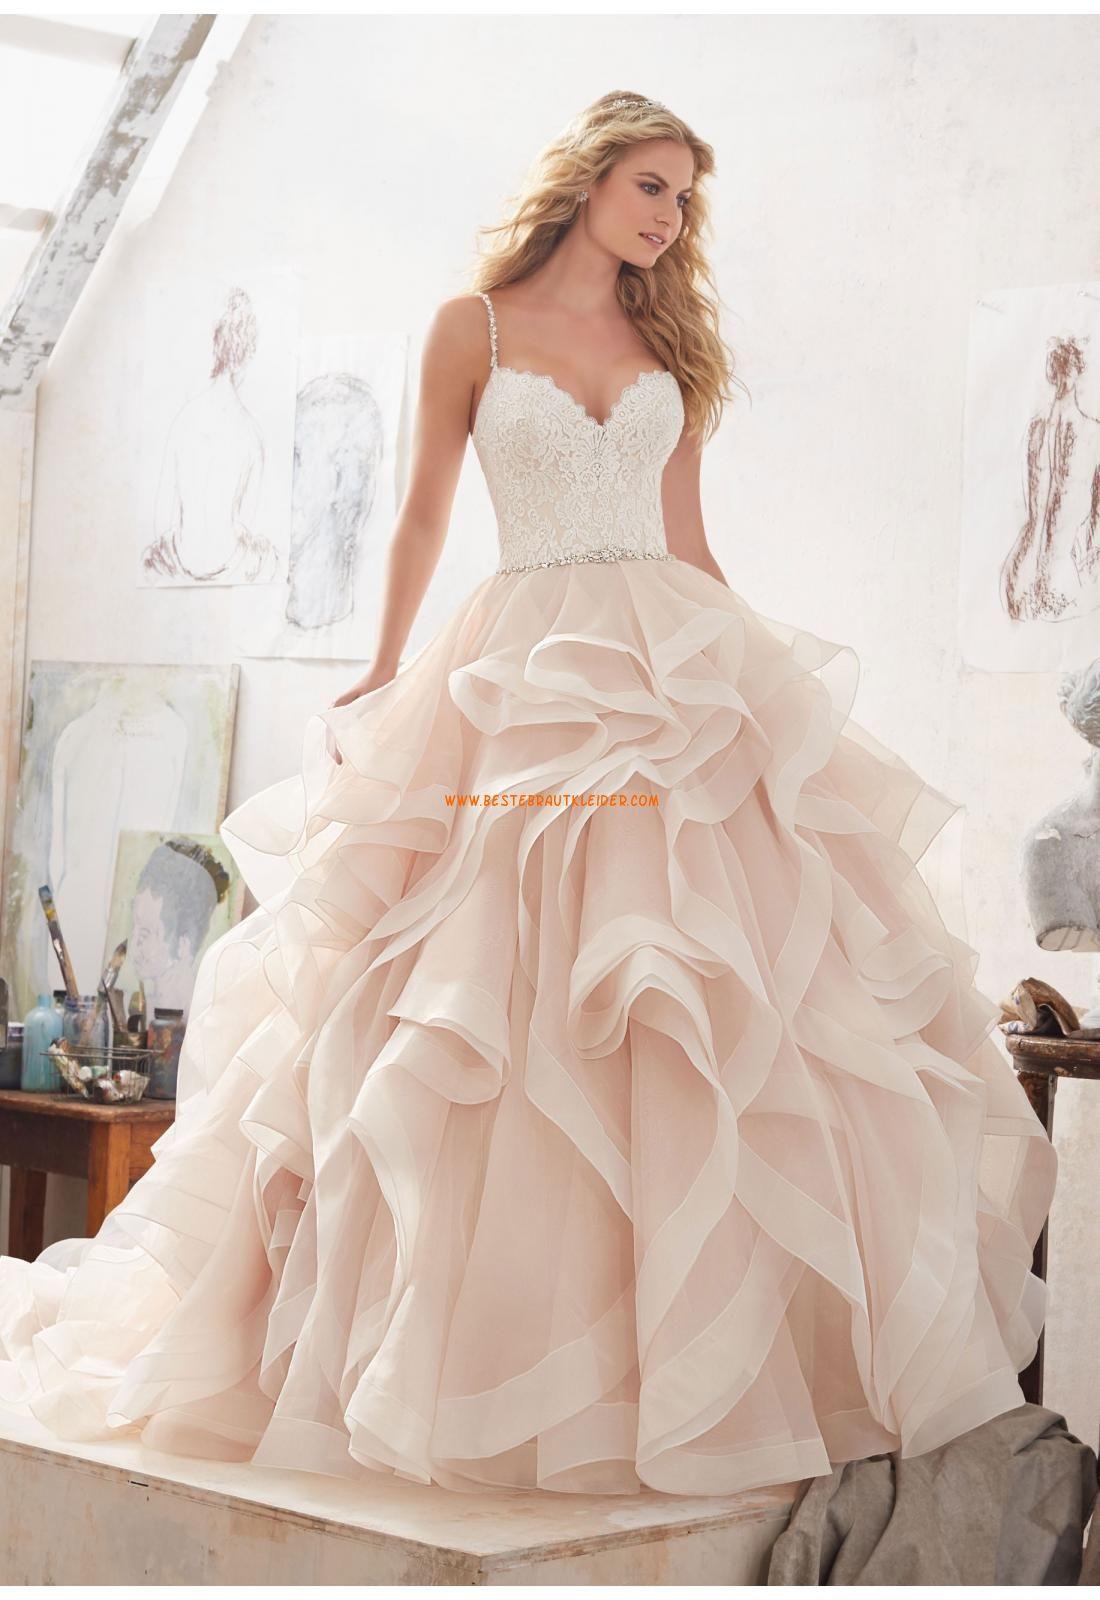 Prinzessin Außergewöhnliche Luxuriöse Brautkleider aus Organza mit ...